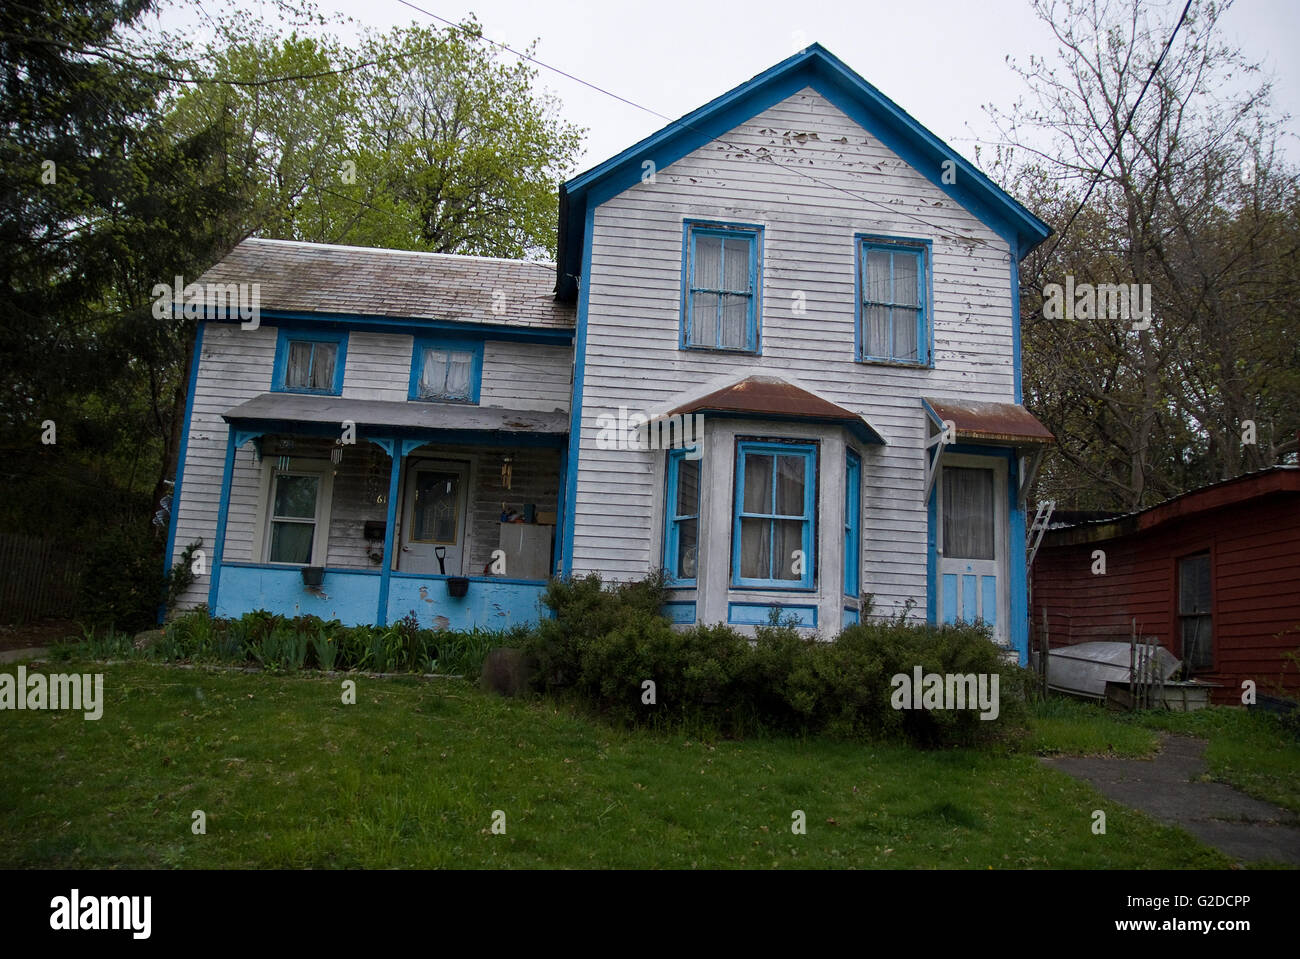 Blue trim stock photos blue trim stock images alamy - White house with blue trim ...